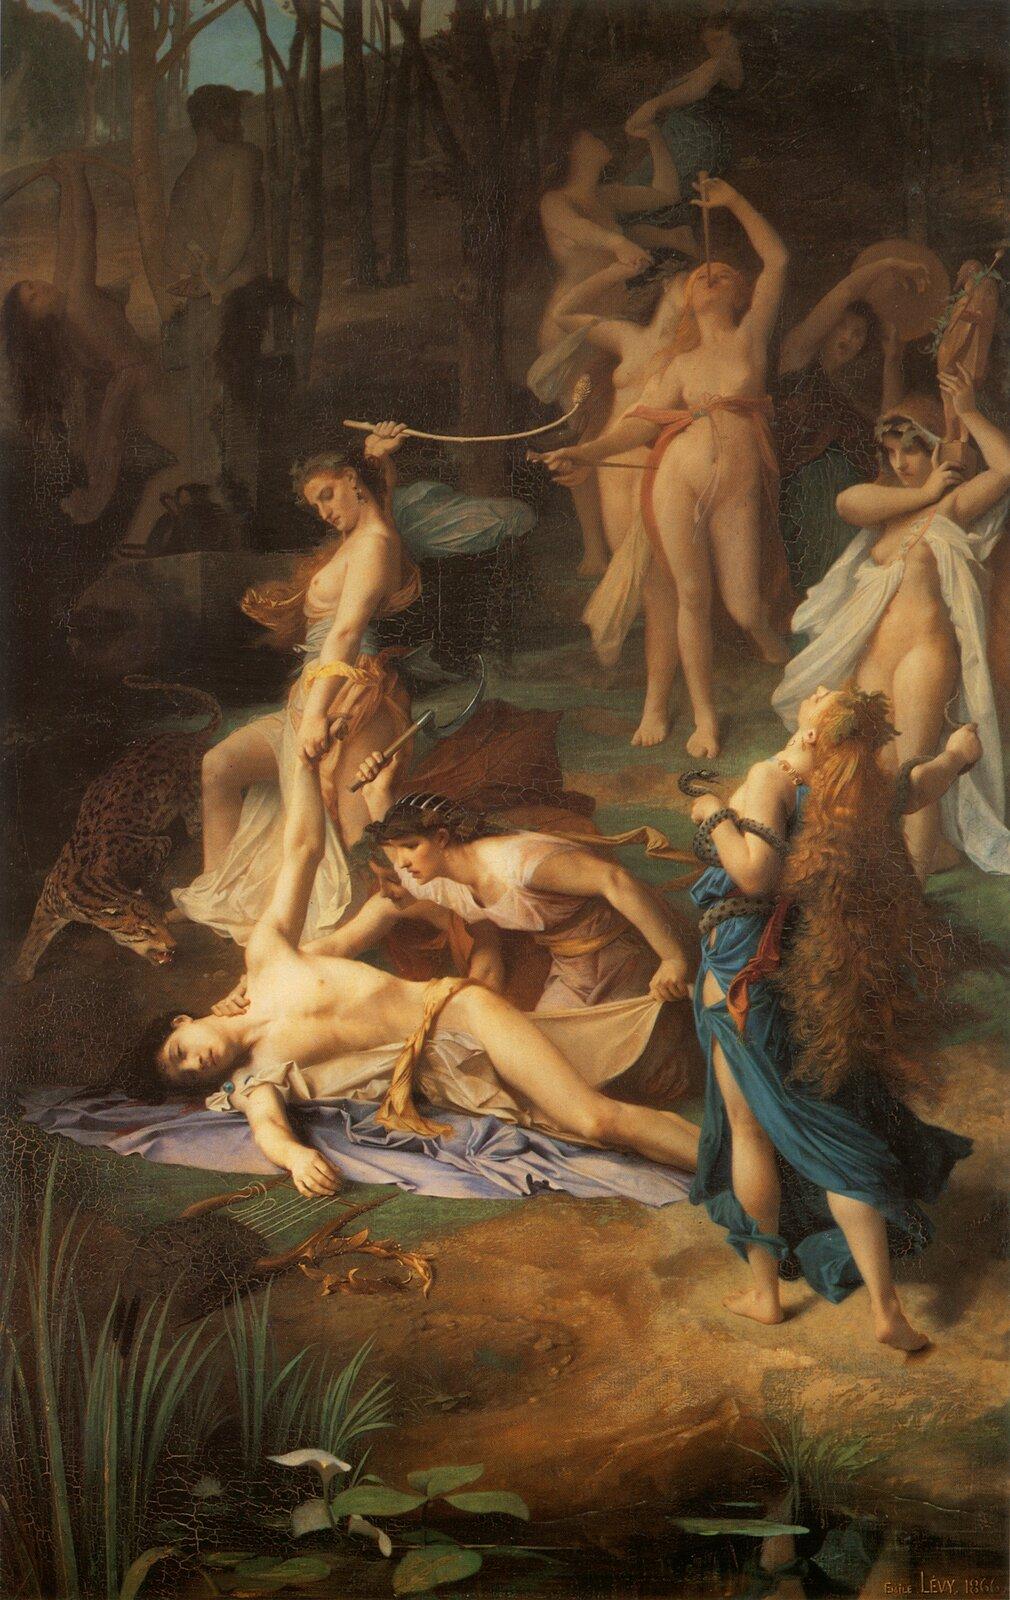 """Ilustracja przedstawia dzieło Émile Lévy'ego pt. """"Śmierć Orfeusza"""". Wcentrum obrazu widnieje postać umierającego młodego mężczyzny. Leży nad brzegiem rzeki, na rozpostartej na trawie fiołkowej tkaninie. Jego niewyraźny wzrok utkwiony jest wjednym punkcie, dłonią dotyka strun leżącej obok liry. Zprawej strony widoczna jest postać kobiety stojącej tyłem. Ma odchyloną głowę, jej długie rude włosy opadają na plecy. Odziana jest wbłękitną szatę; tańczy weuforii wraz zoplecionym wokół jej ciała wężem. Druga pochyla się nad umierającym izamierza zadać mu ostateczny cios sierpem trzymanym wwyciągniętej ręce. Kolejna podtrzymując rękę Orfeusza do góry wymierzając mu cios biczem. Wtle kilka półnagich bachantek oddaje się tańcom rytualnym. Znacząca wydaje się niewyraźna, ukryta wcieniu drzew, postać osamotnionego mężczyzny, który jako jedyny odwraca wzrok od tej sceny."""